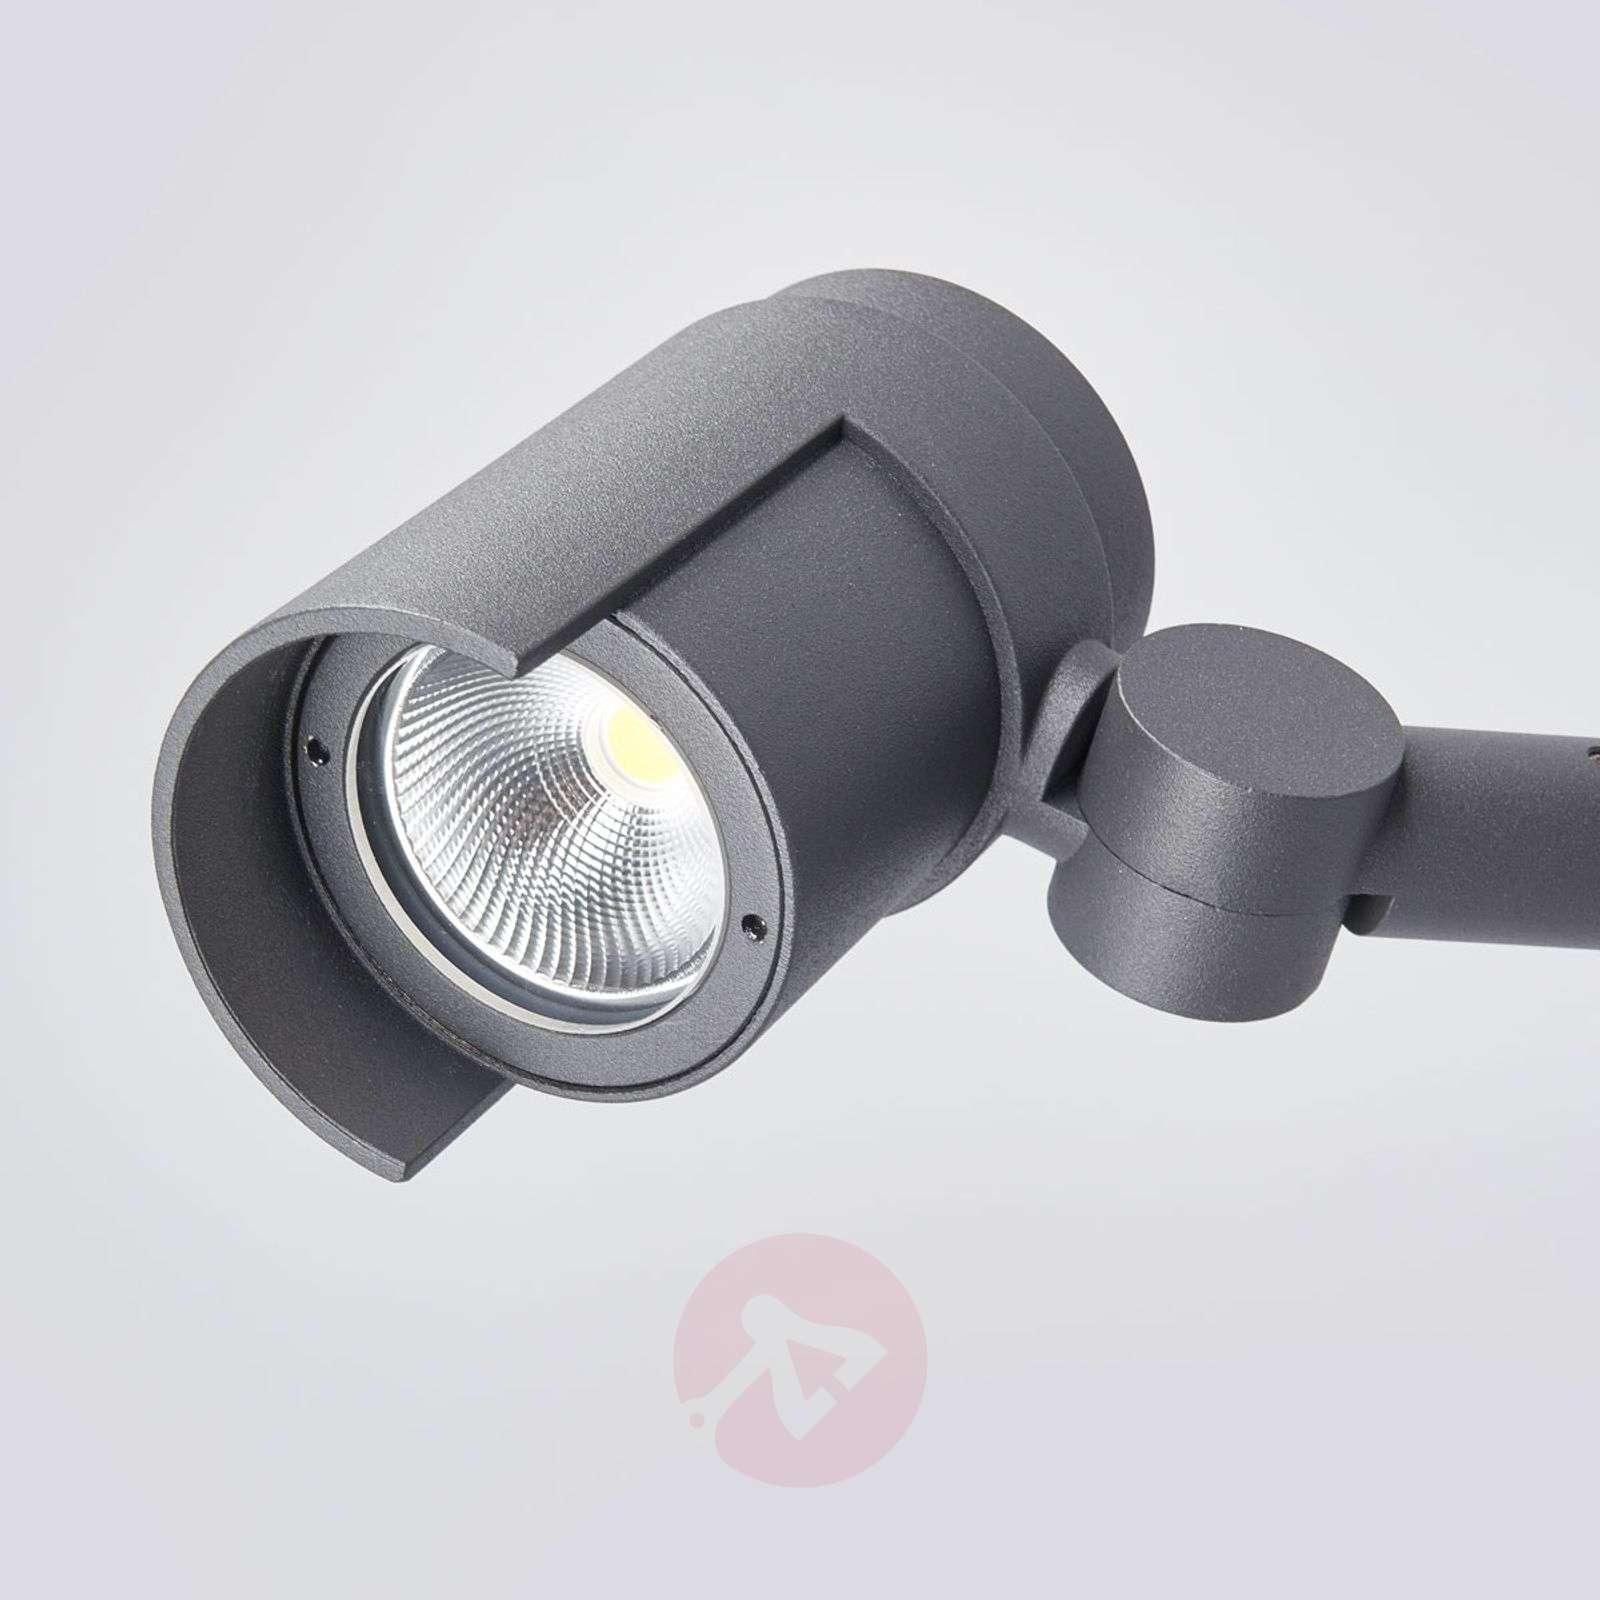 Laaja Beatrix-LED-valaisin ulkokäyttöön-9616118-01